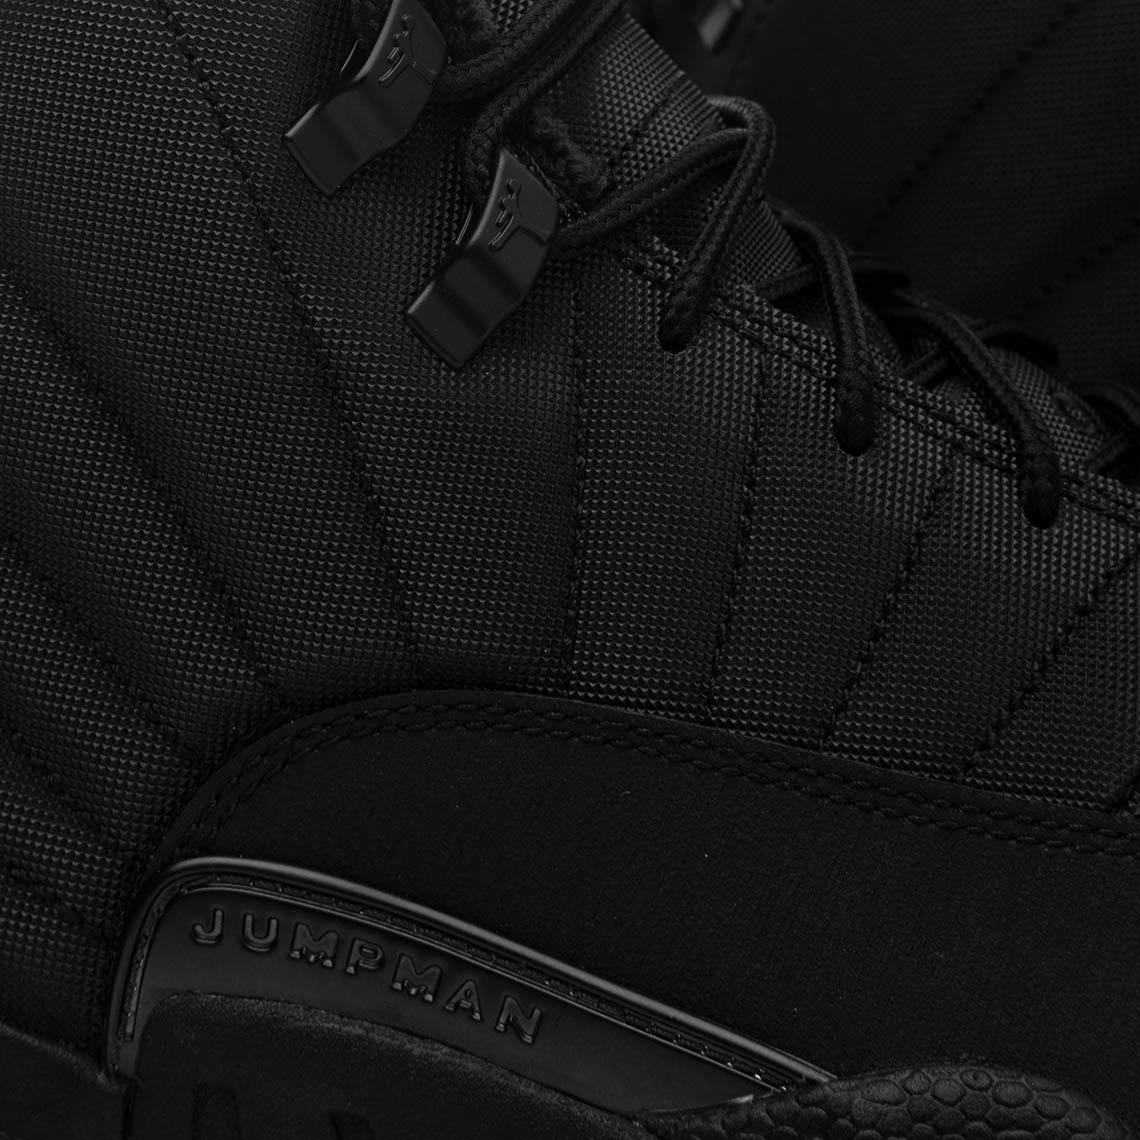 info for 78733 941ed Jordan 12 Winter All Black BQ6851-001 Store List ...